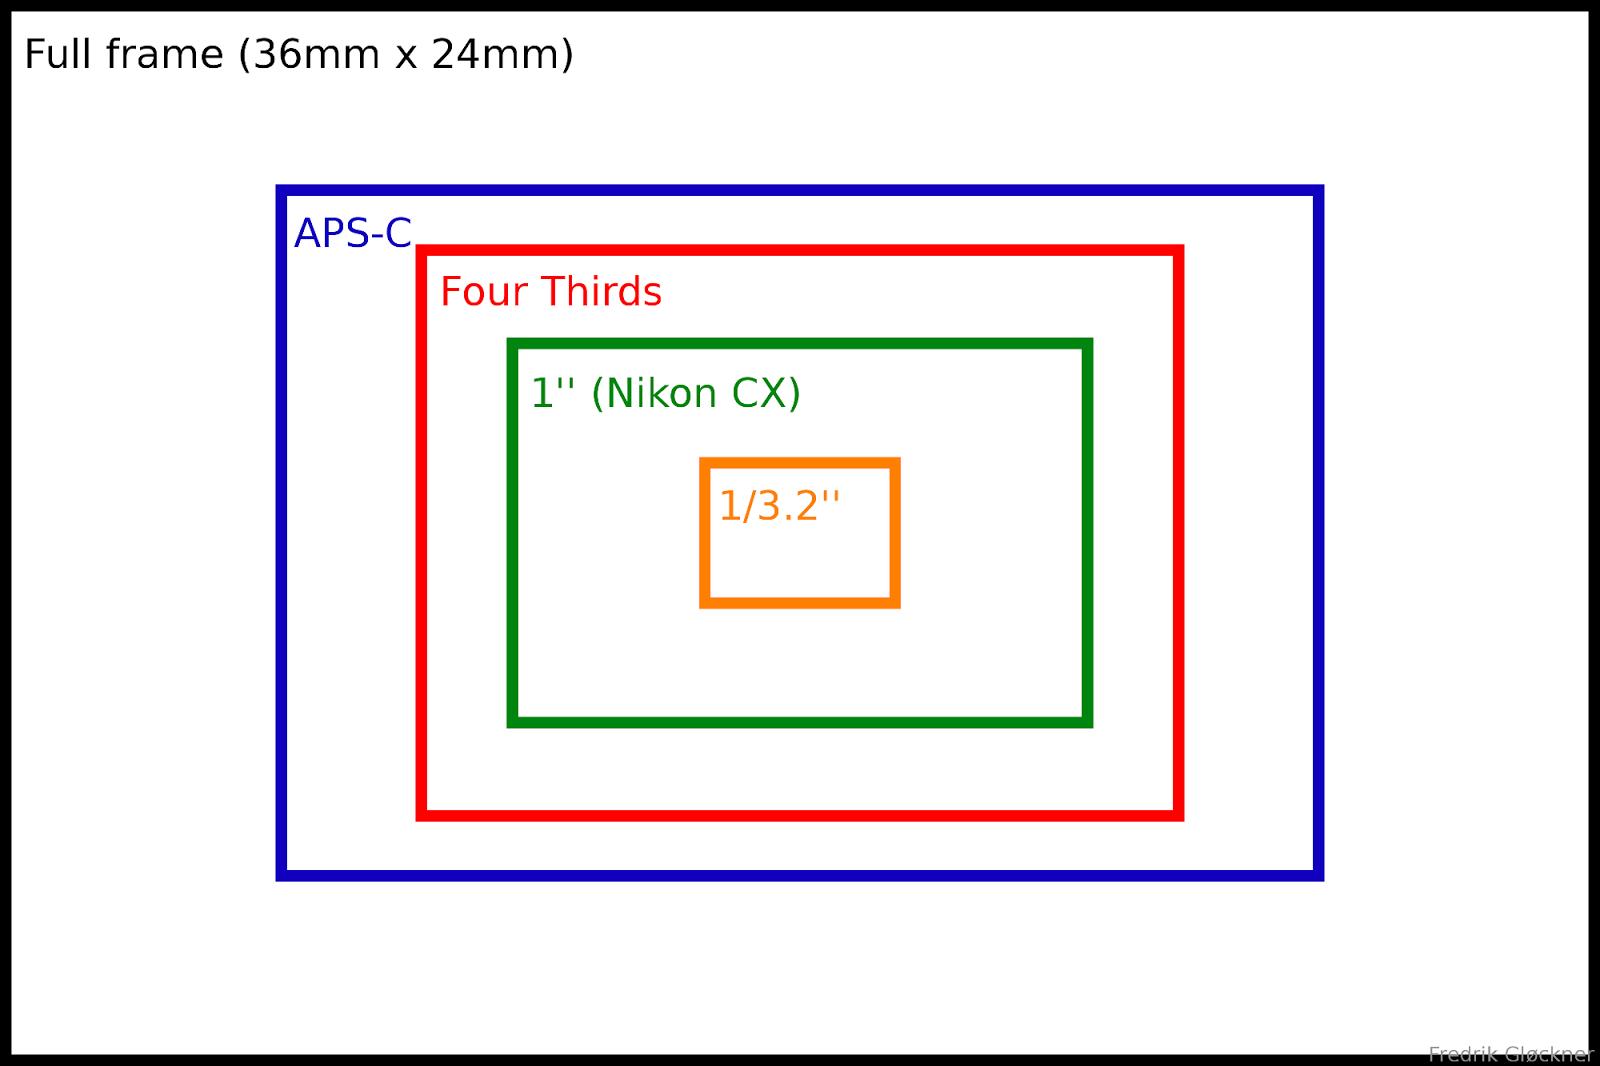 sensor-size-diagram-aps-c-four-thirds-nikon-cx-one-inch-iphone-5.png